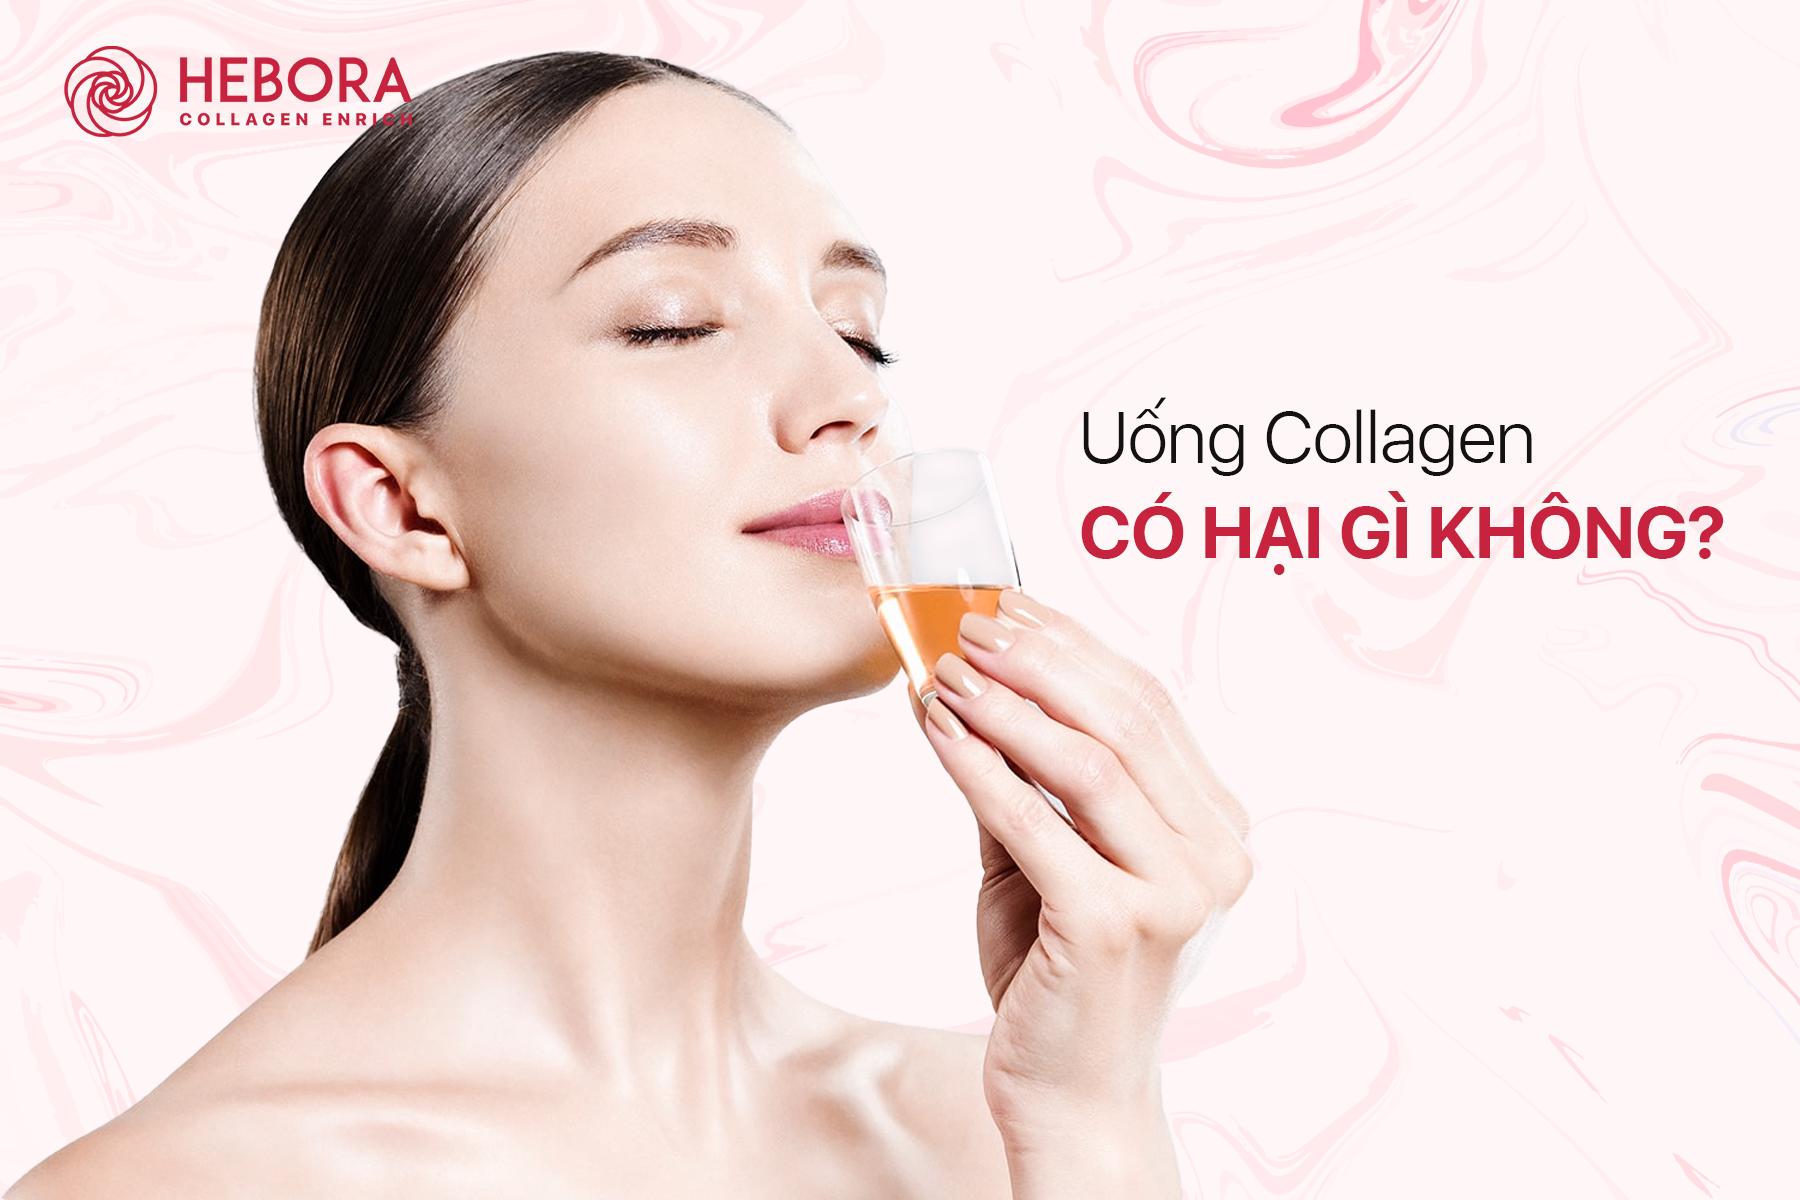 Uống Collagen có hại gì không?